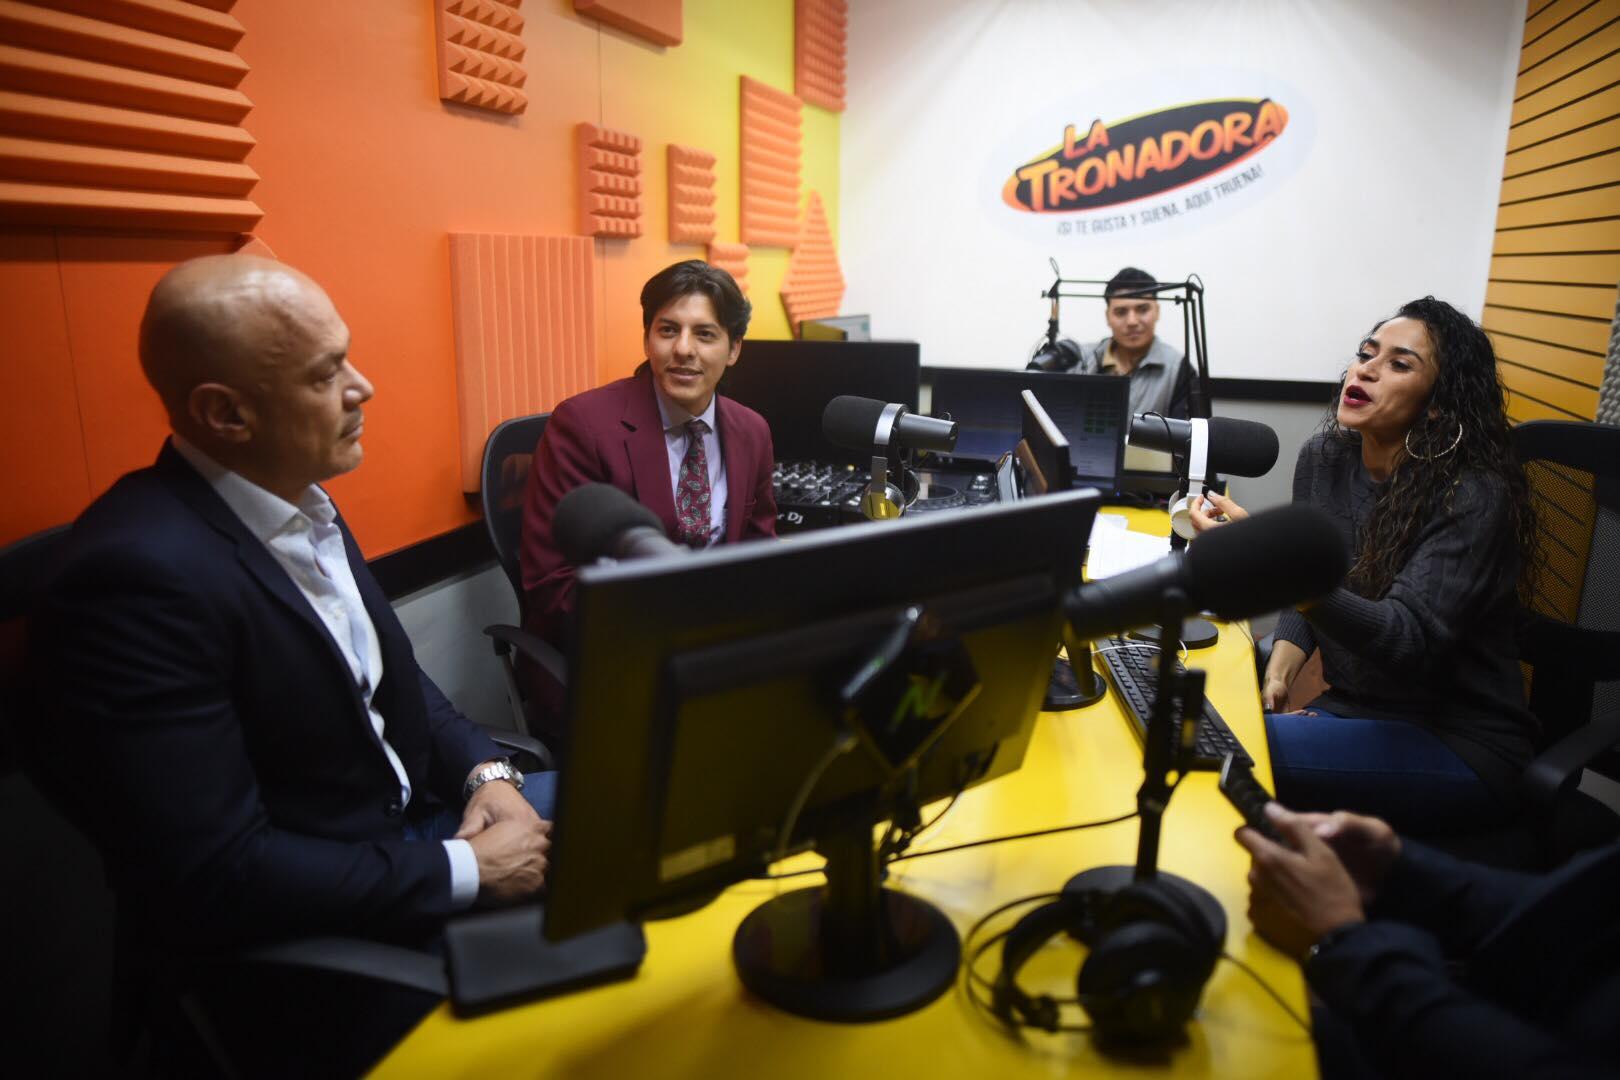 Ejecutivos de Televisa y Emisoras Unidas en la cabina de la radio La Tronadora.